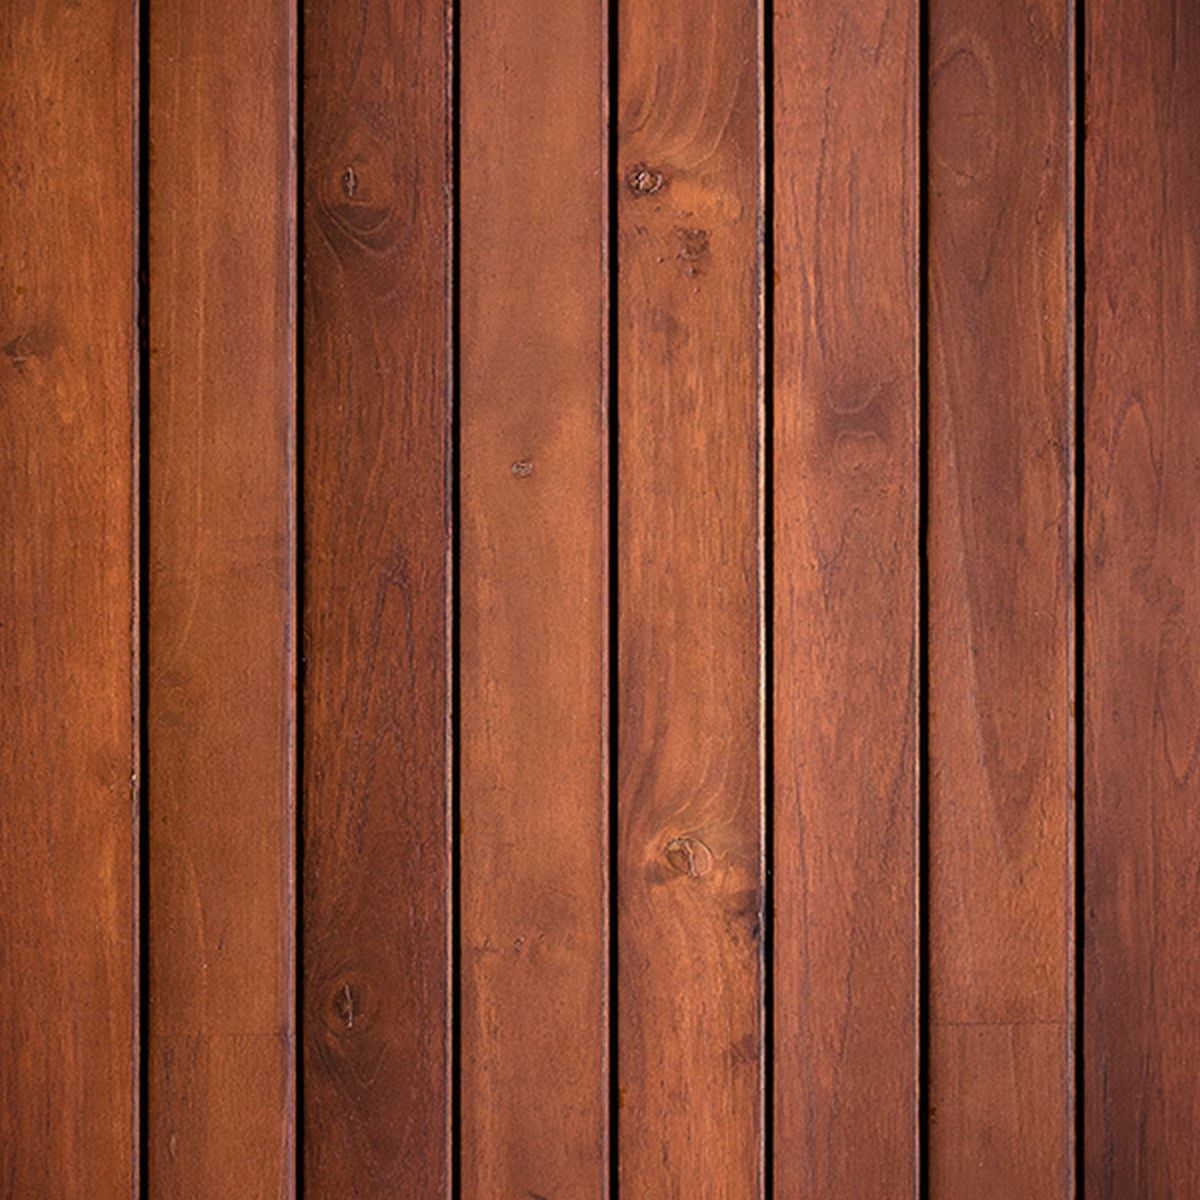 Papel De Parede Textura De Madeira Mod 11 Fran Adesivos  -> Fran Adesivos